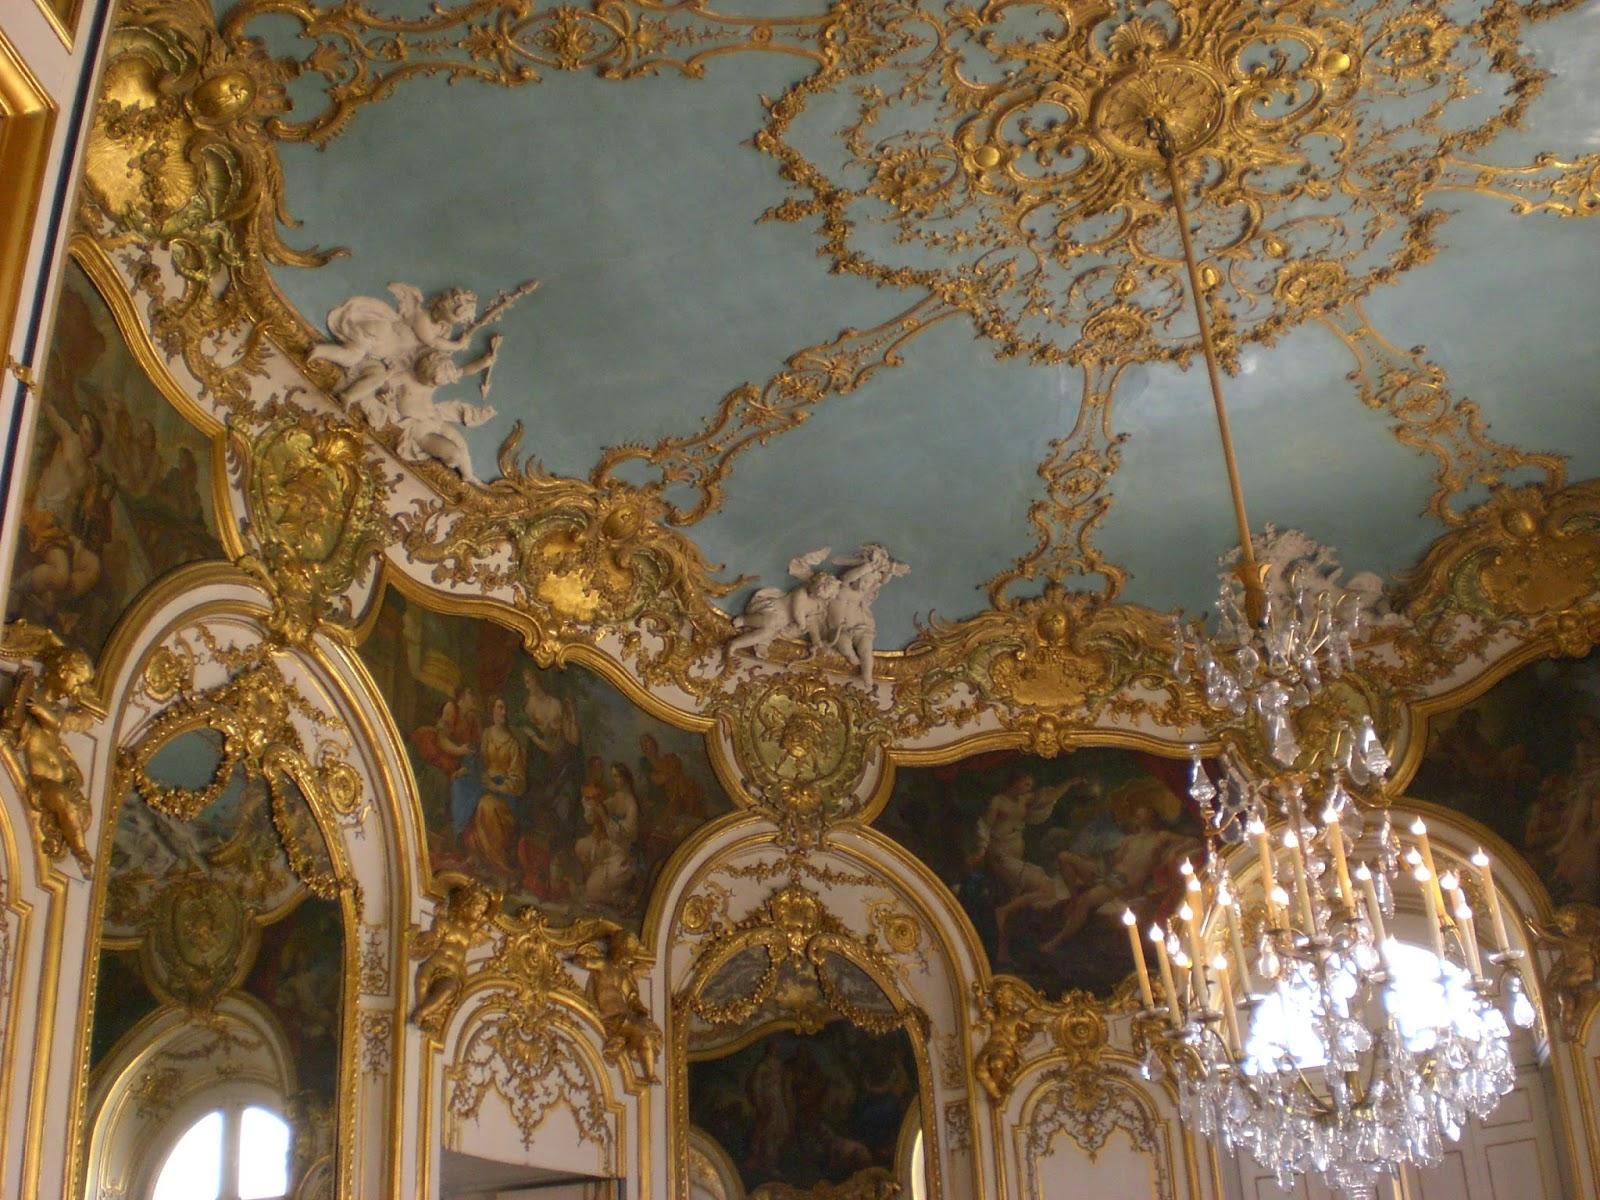 La mia arte settecento un secolo breve dal 1715 all for Interni parigini